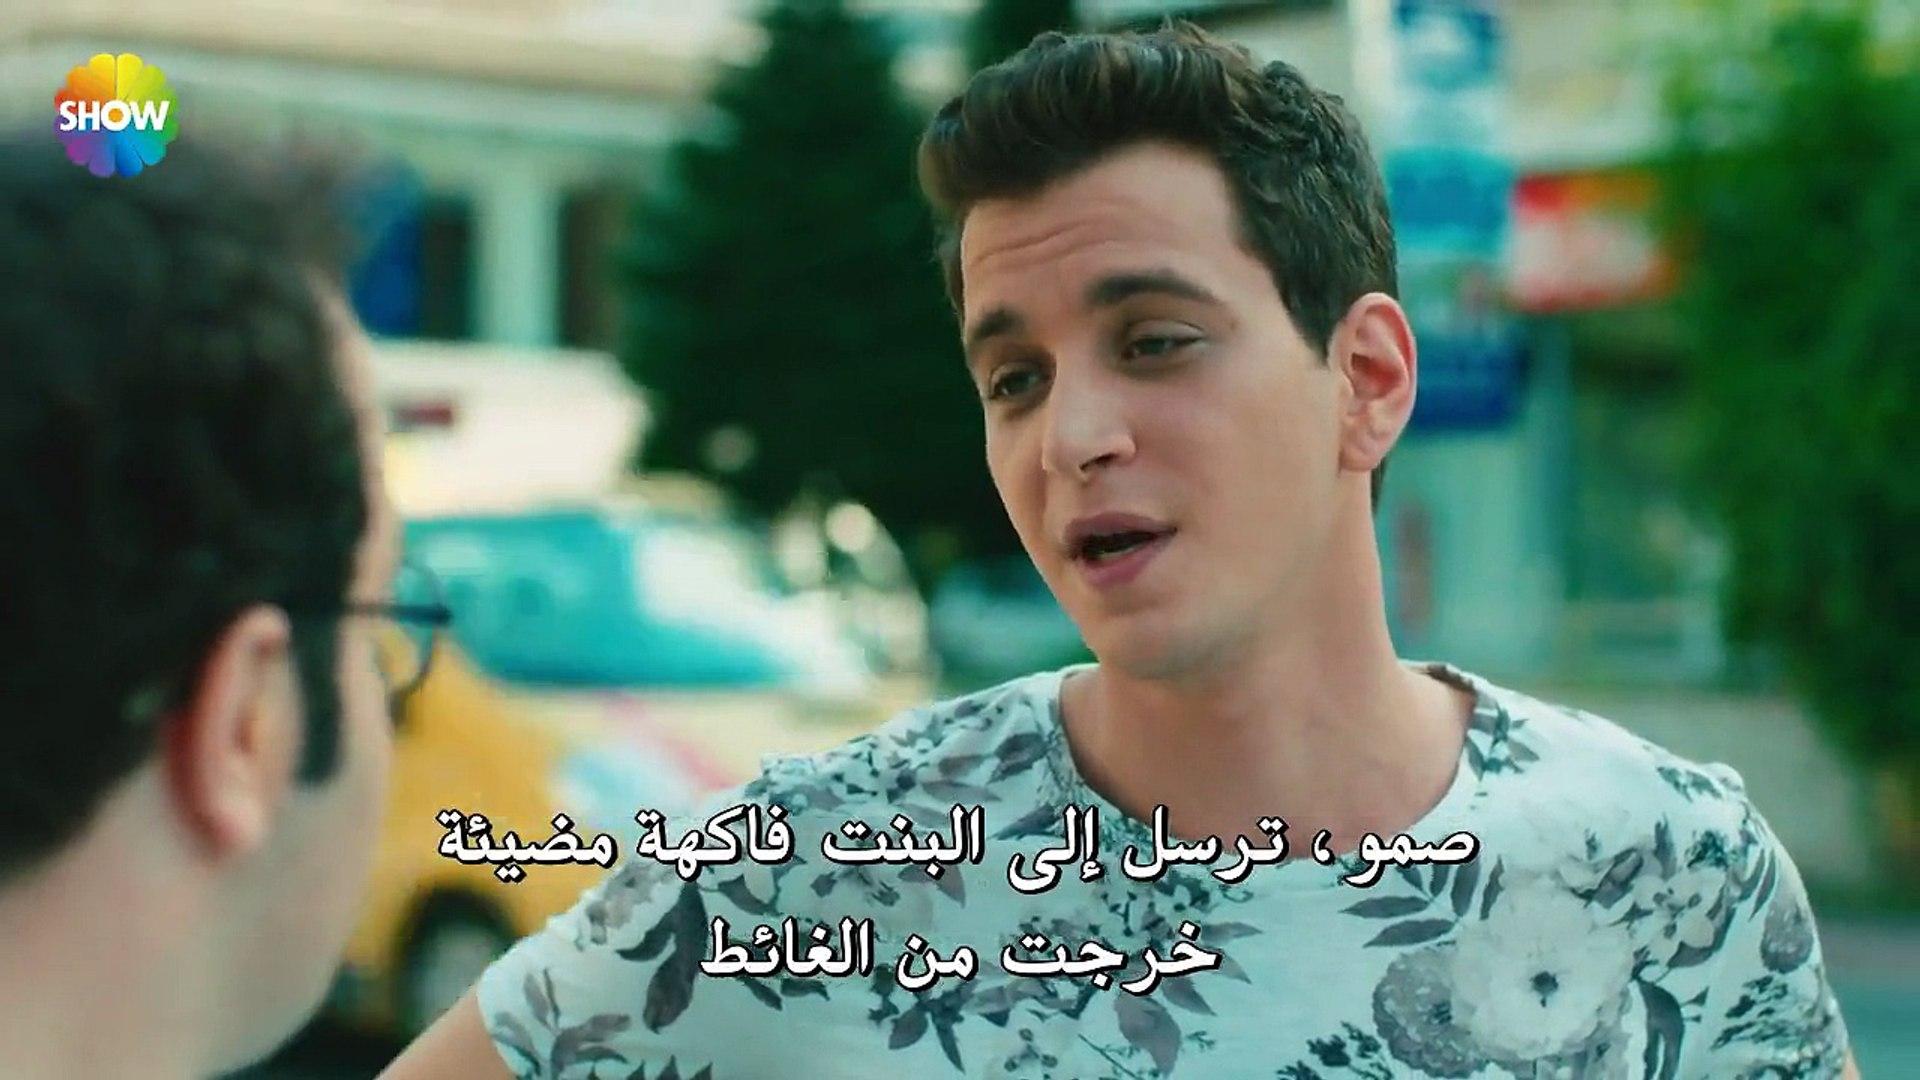 مسلسل نبضات قلب الحلقة 5 مترجمة للعربية القسم 2 فيديو Dailymotion